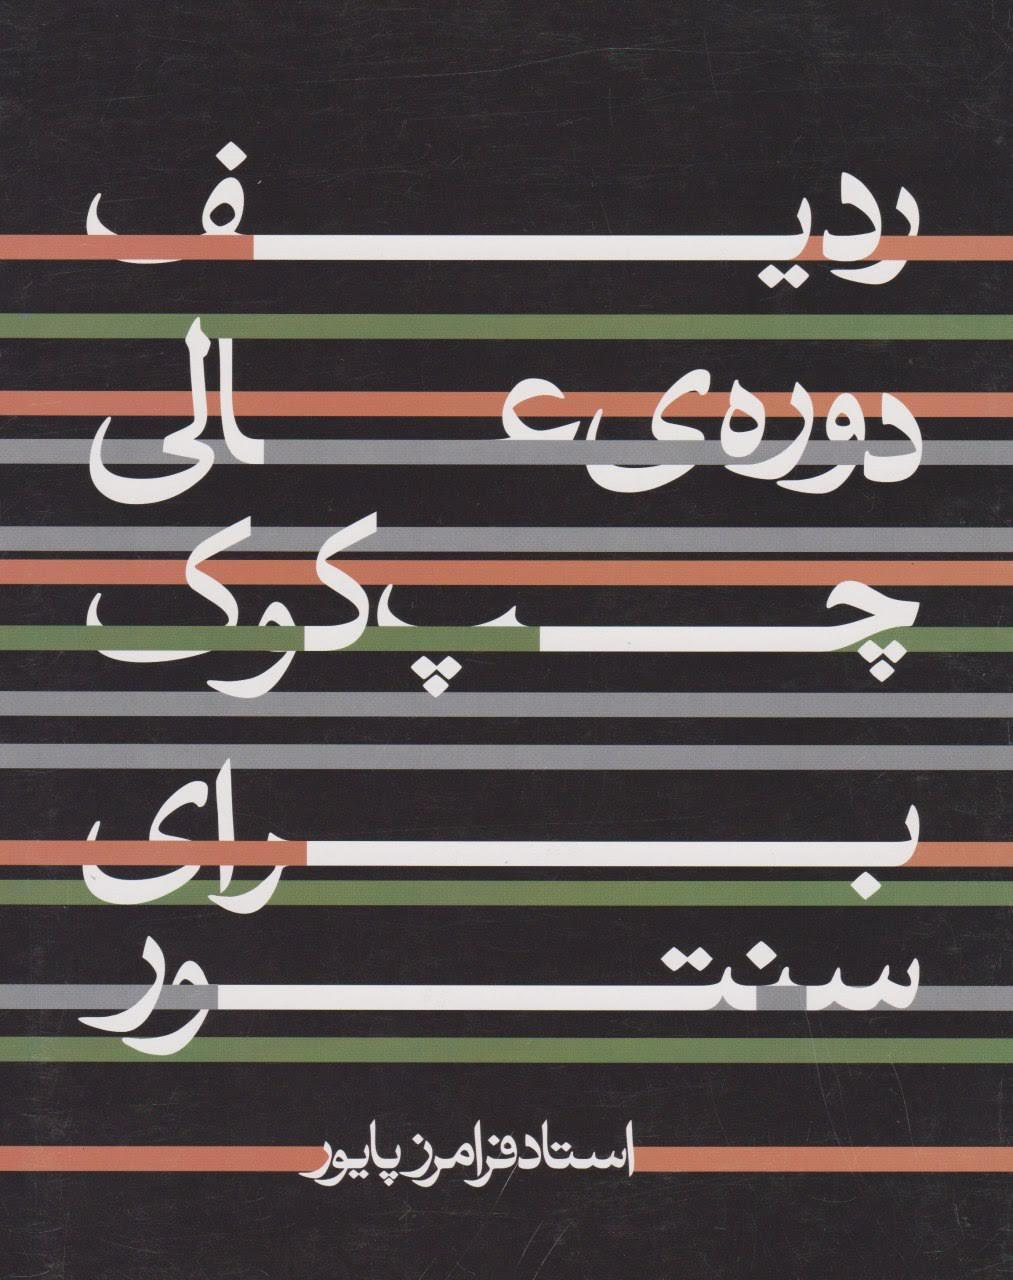 کتاب ردیف دورهی عالی چپکوک برای سنتور فرامرز پایور انتشارات ماهور